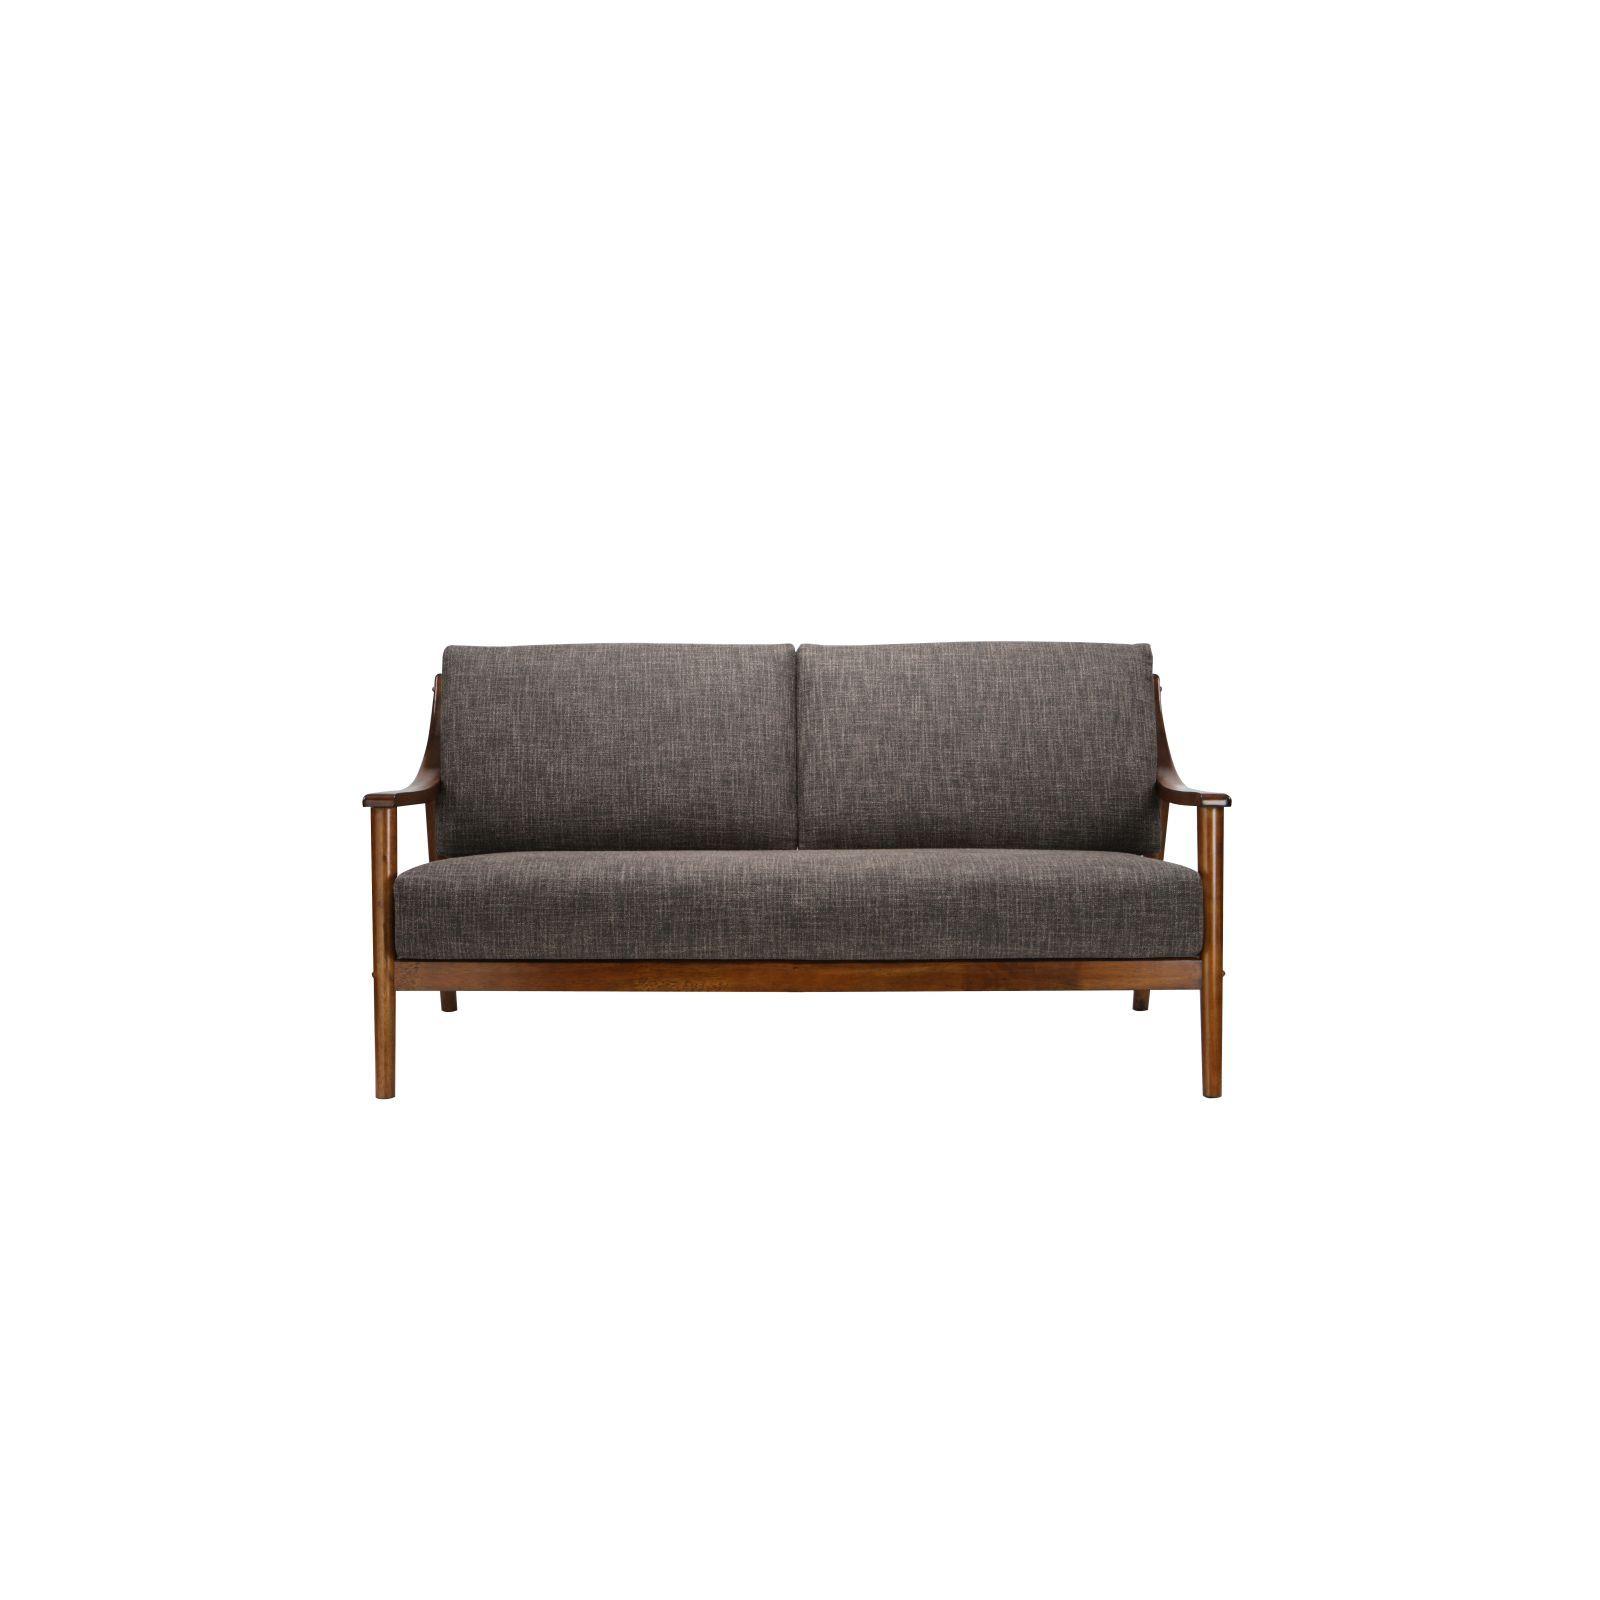 Brennan 3 Seater (Fab) Lava Fabric Sofa – Sofa & Armchairs Regarding Brennan Sofa Chairs (Image 3 of 25)